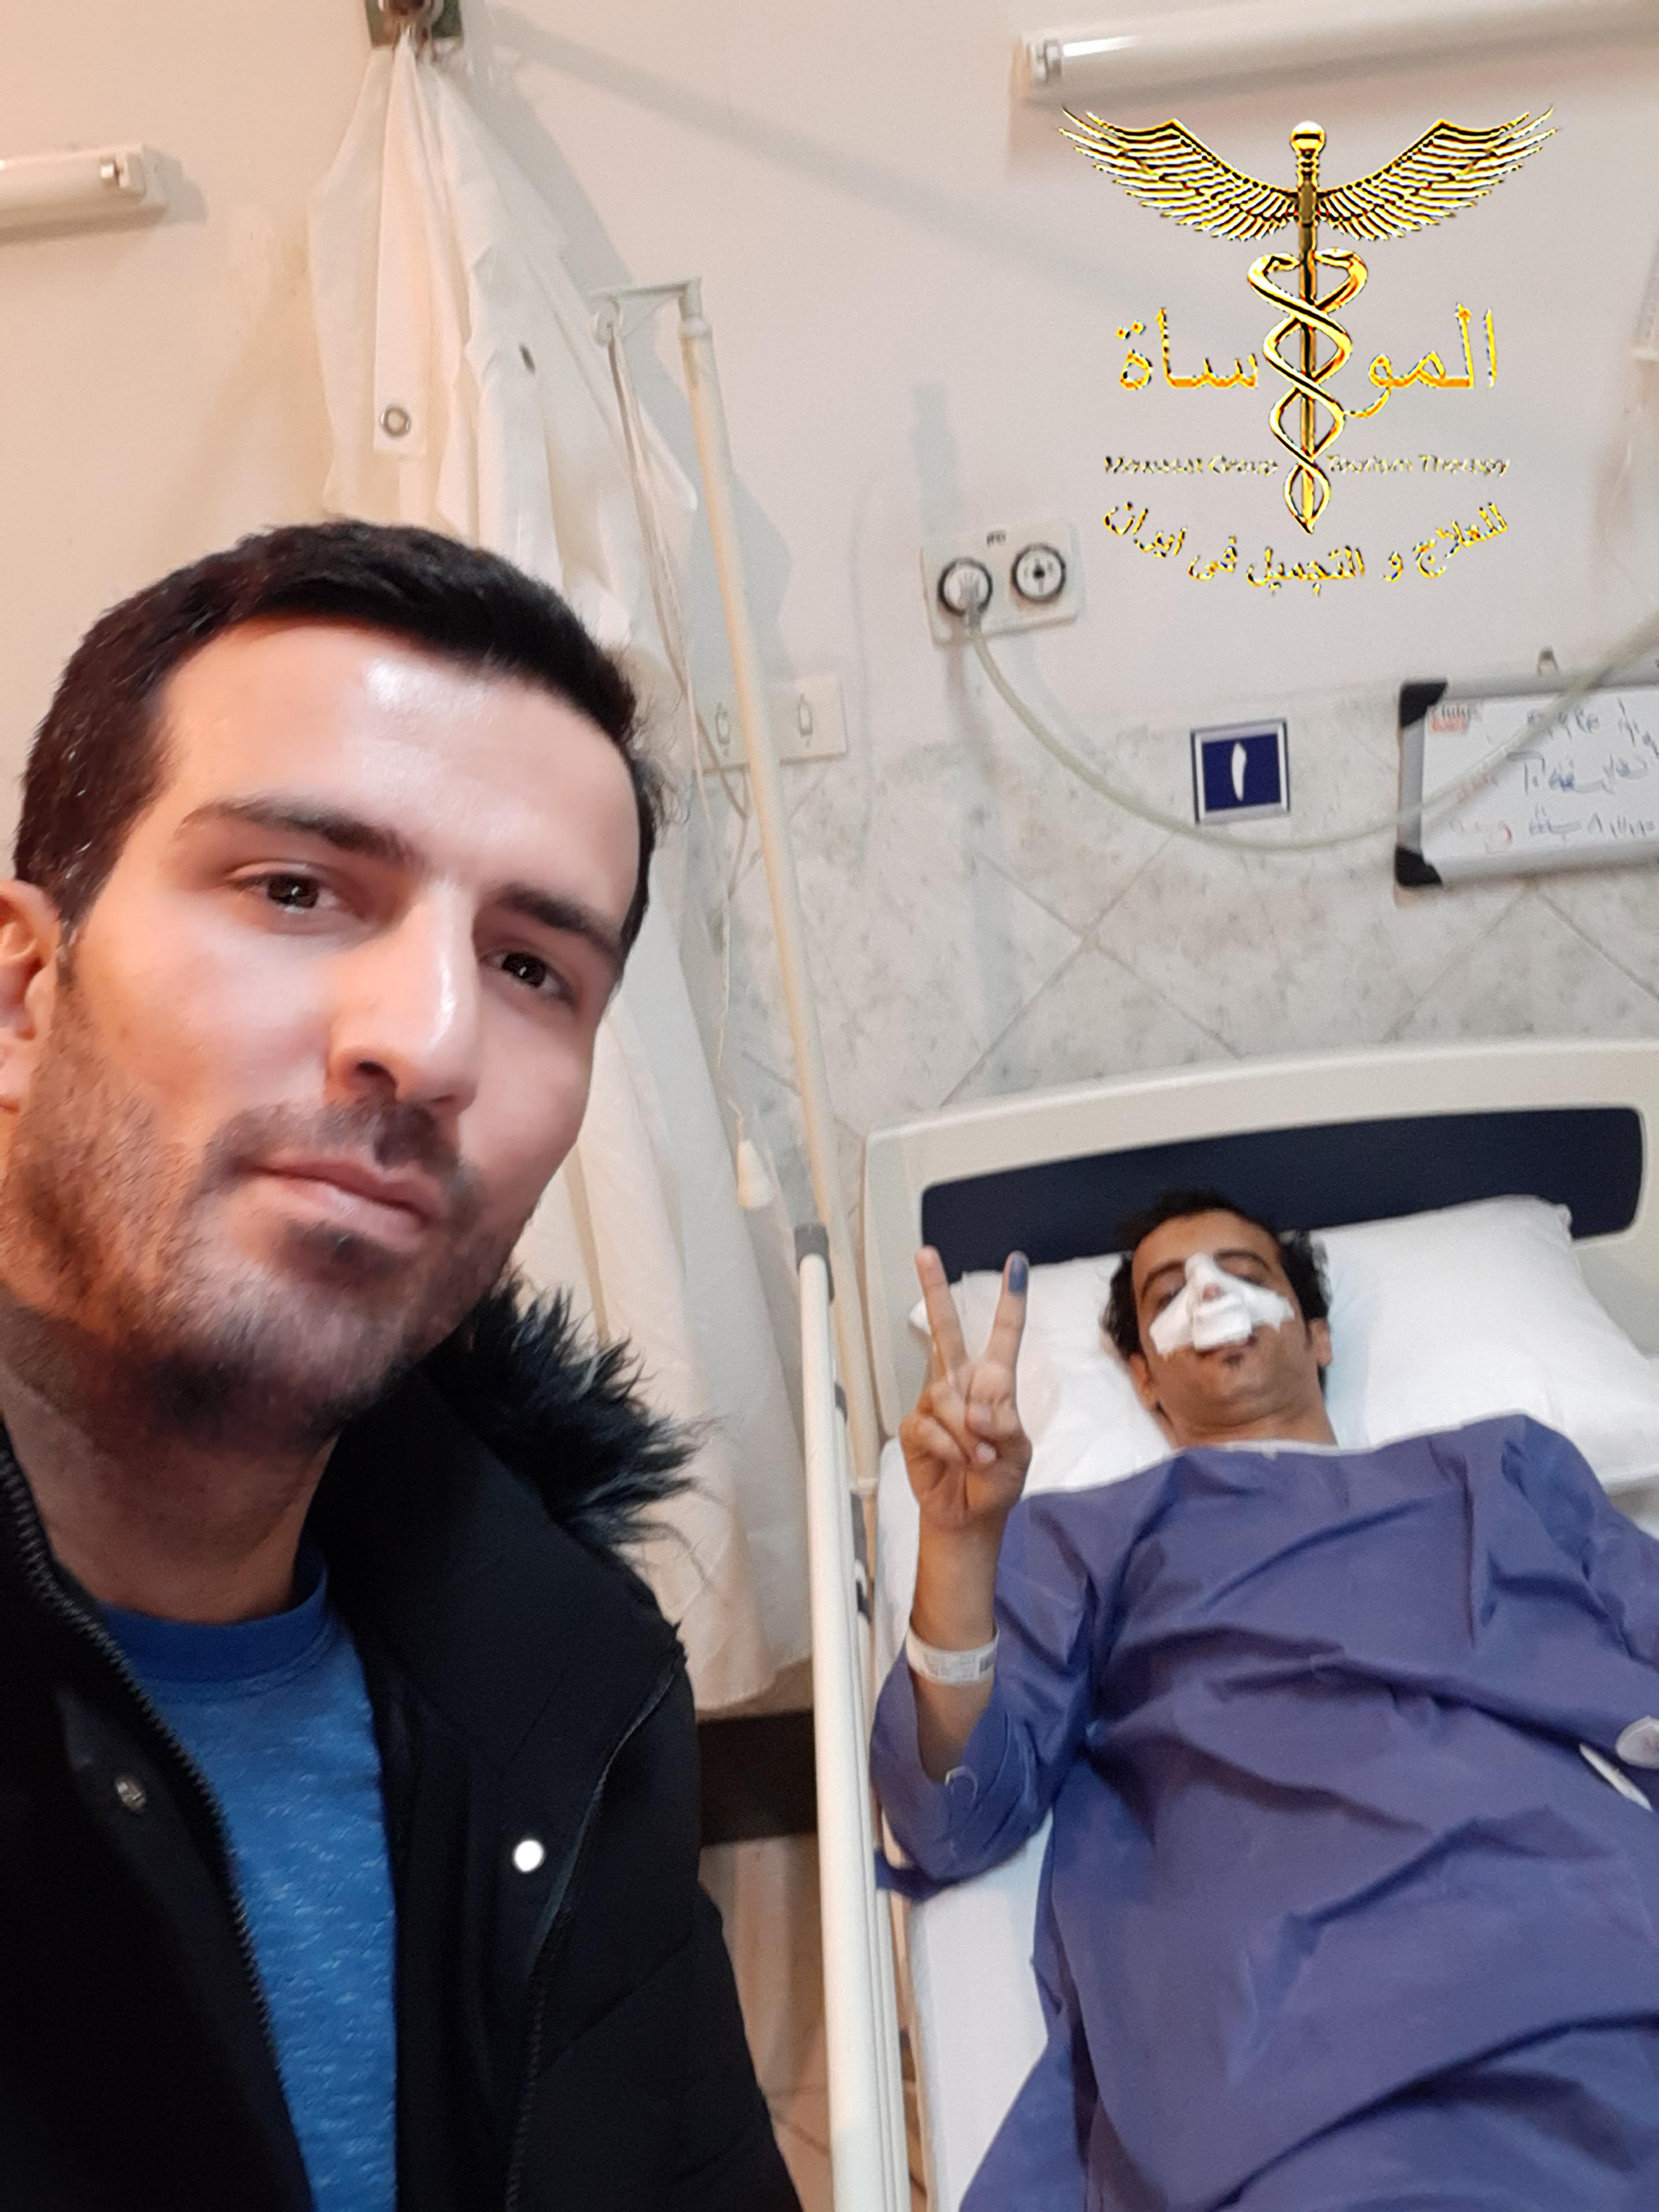 تجميل الأنف و طب العيون في إيران - شيراز   شركة المواساة للعلاج و التجميل في إيران